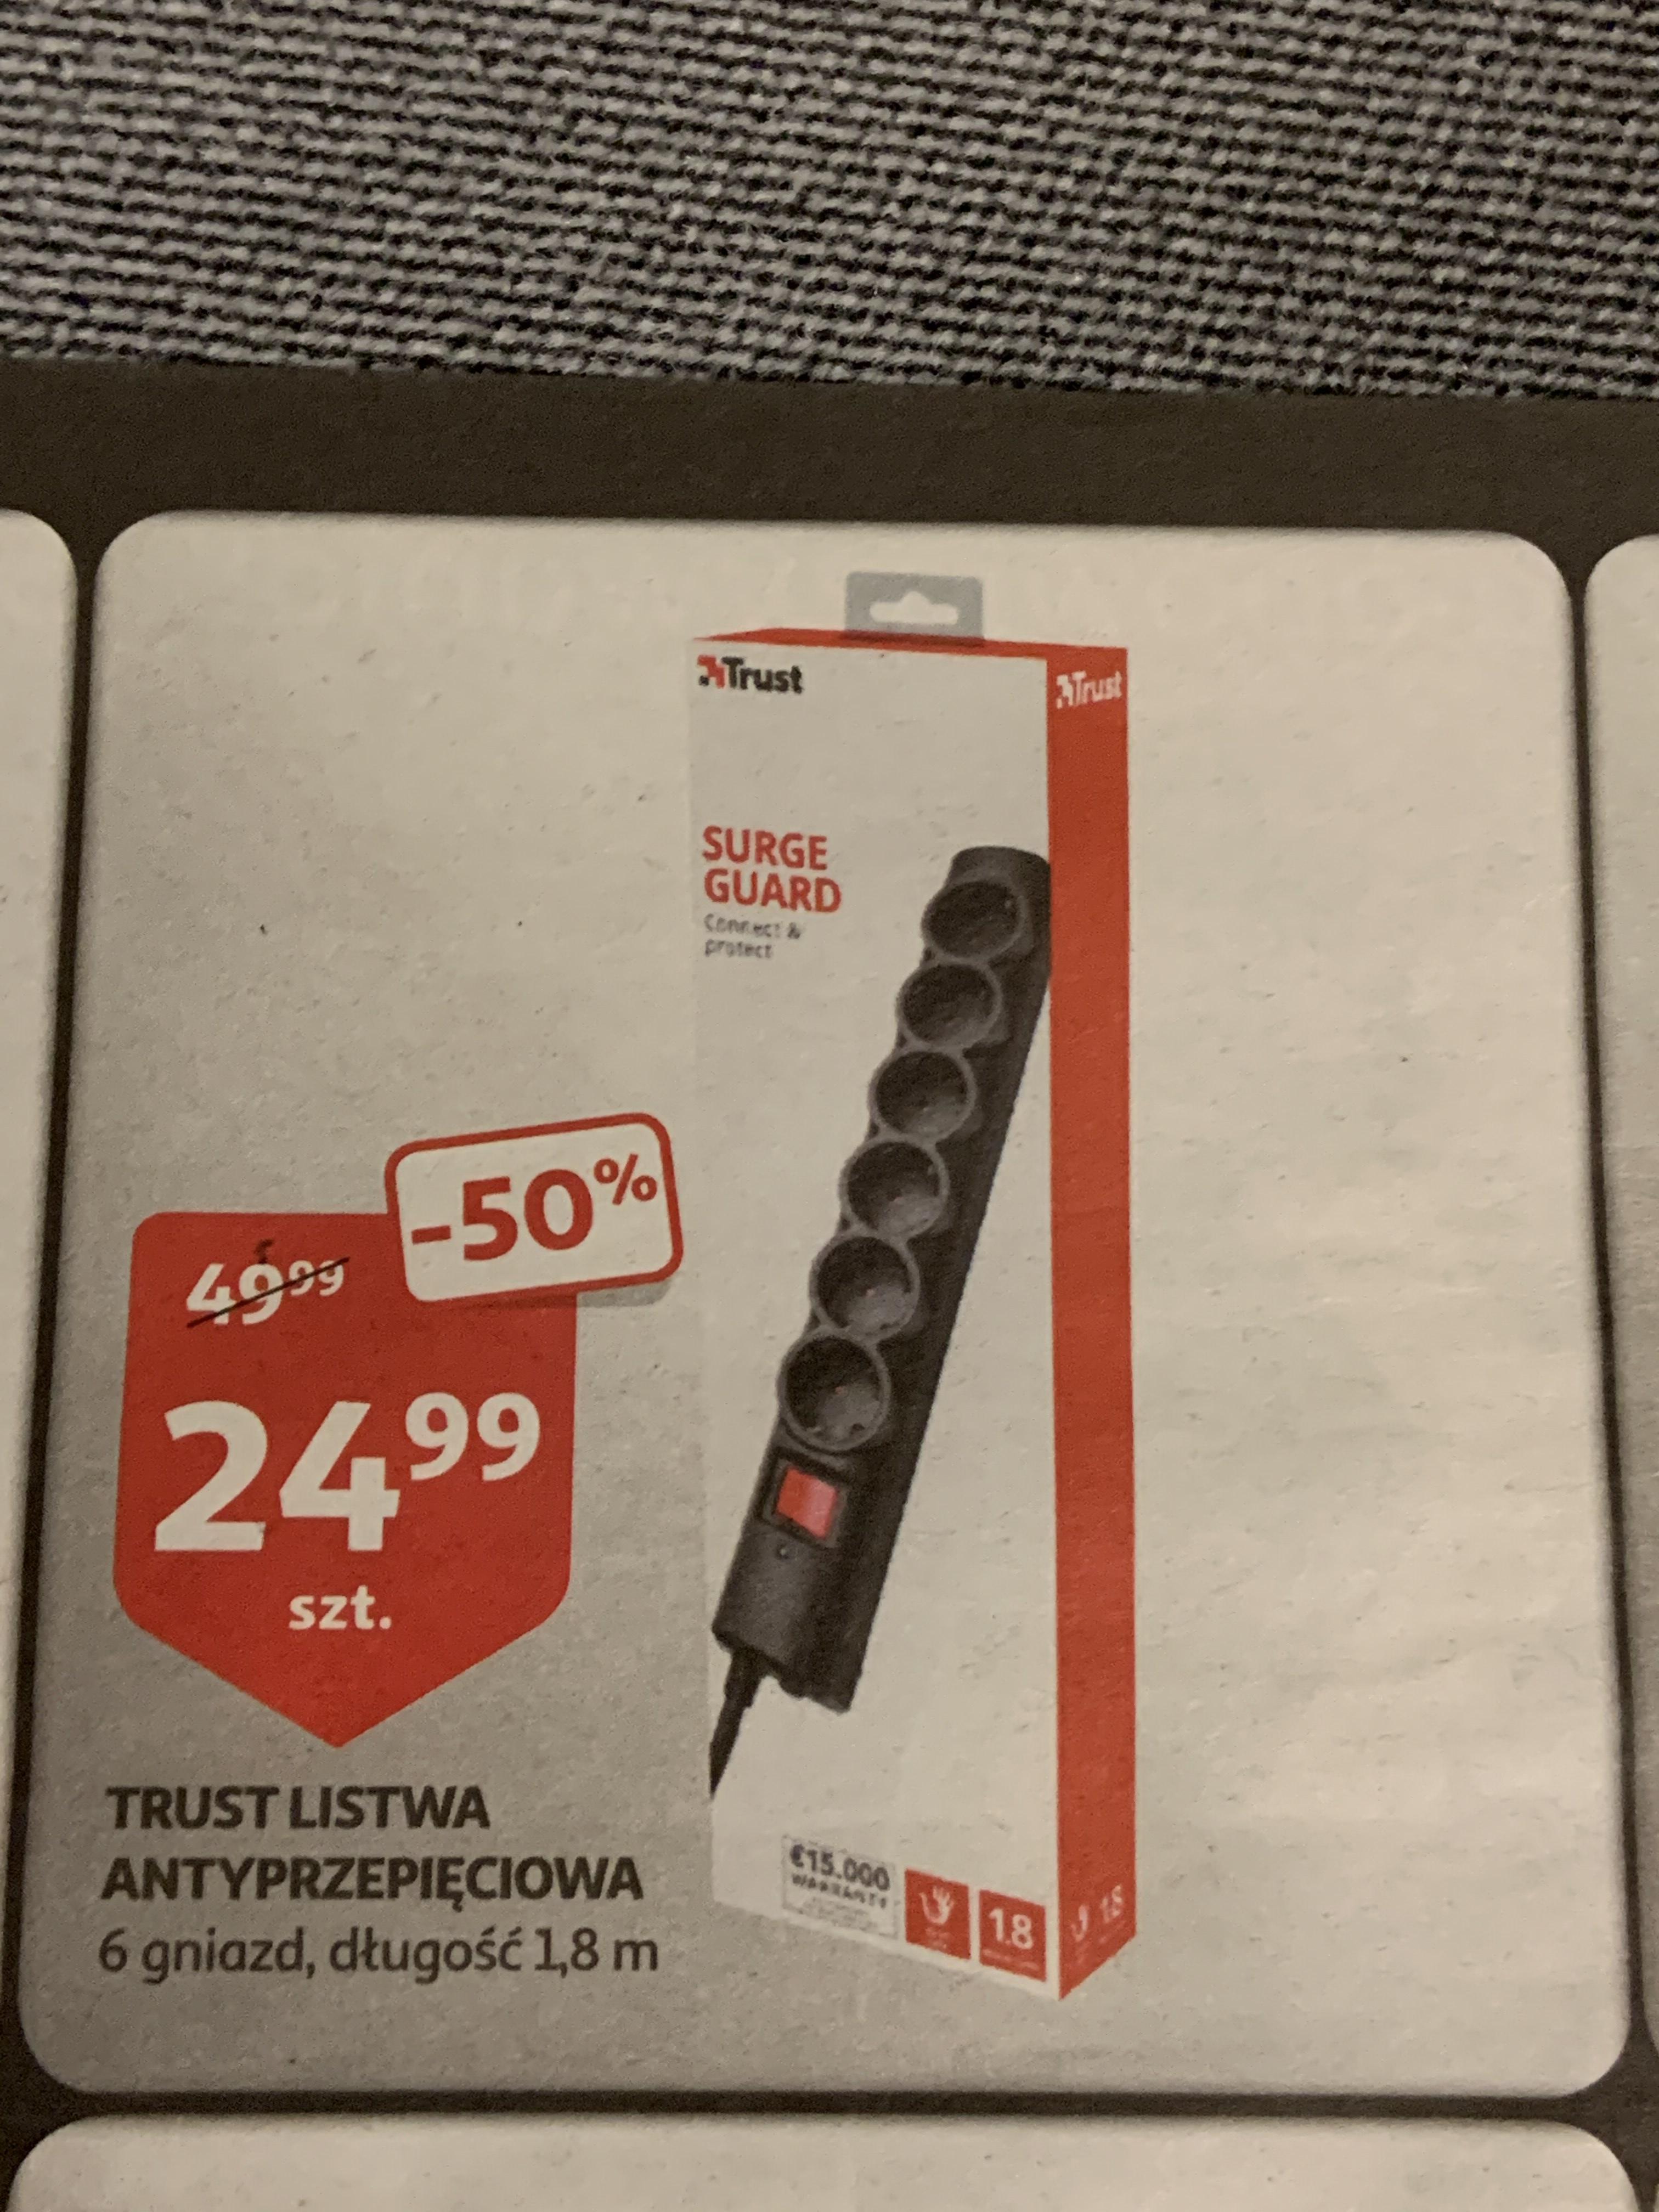 Listwa antyprzepięciowa TRUST 6 gniazd; 1,8m - Auchan